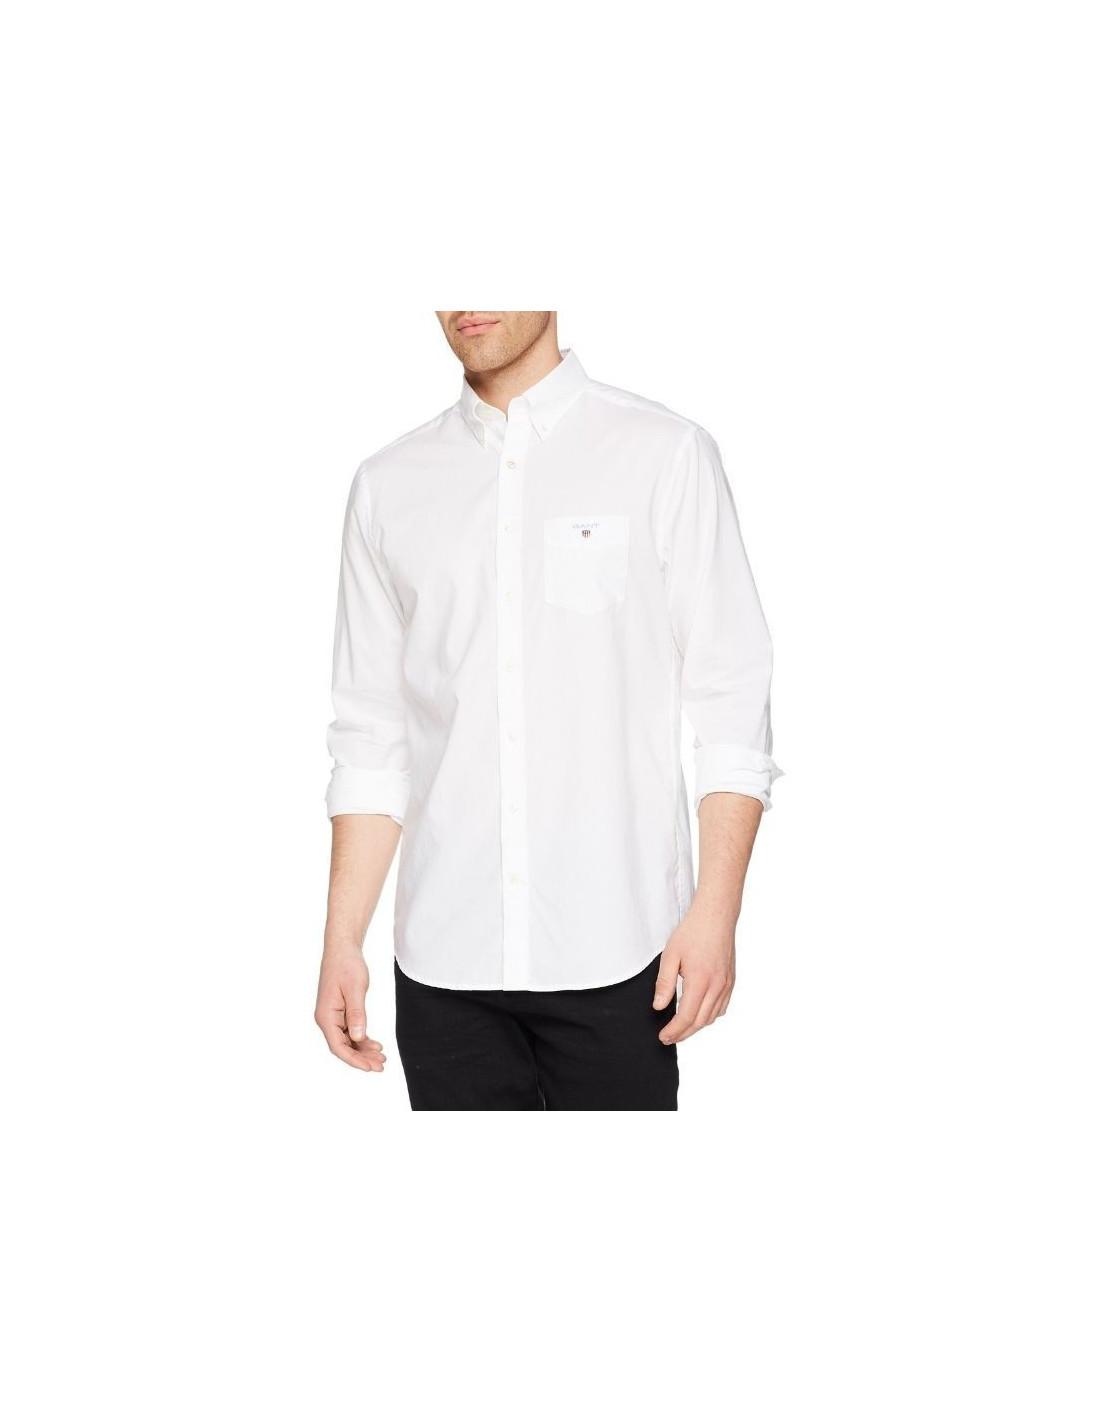 Gant Camicia Uomo Regular 3046400 Bianco 2xl Bianco Gant